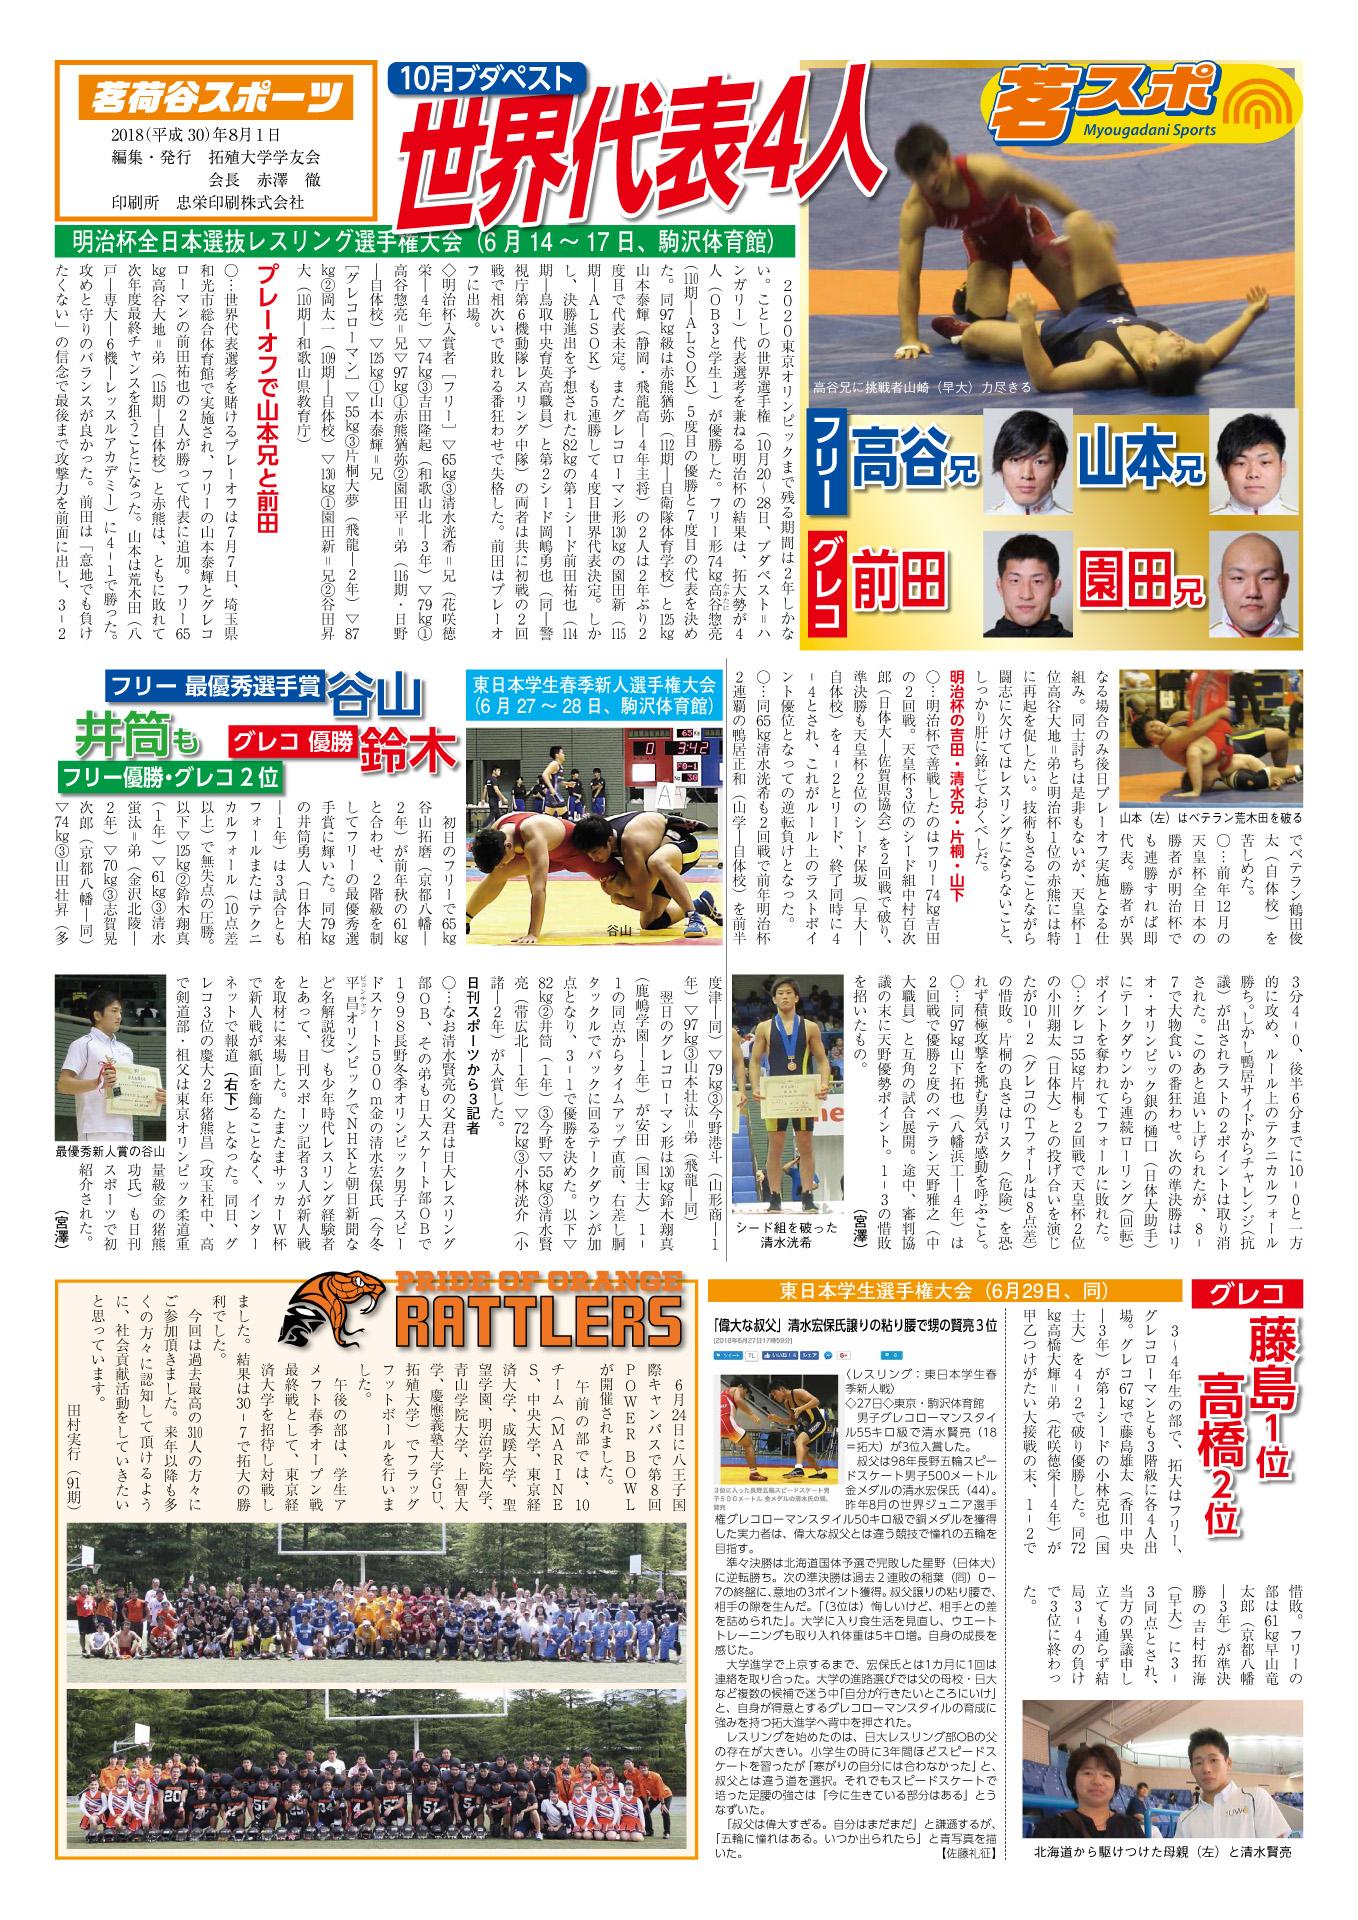 茗荷谷スポーツ2018年8月号表紙